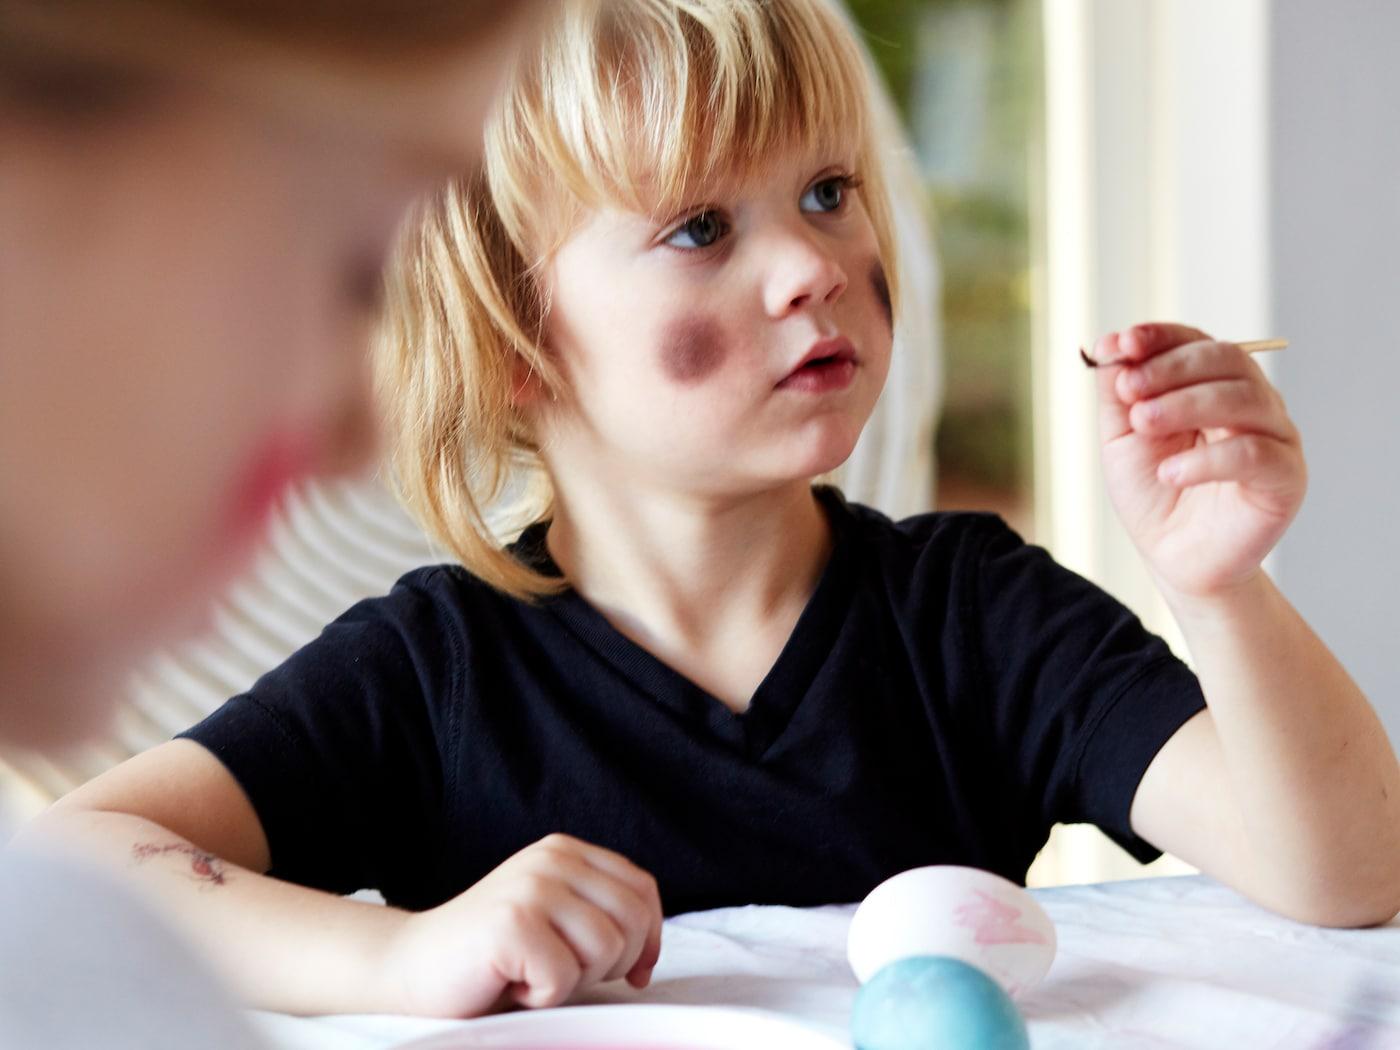 En pojke i svart t-shirt med målade kinder som en påskkärring sitter vid ett bord och målar ägg.